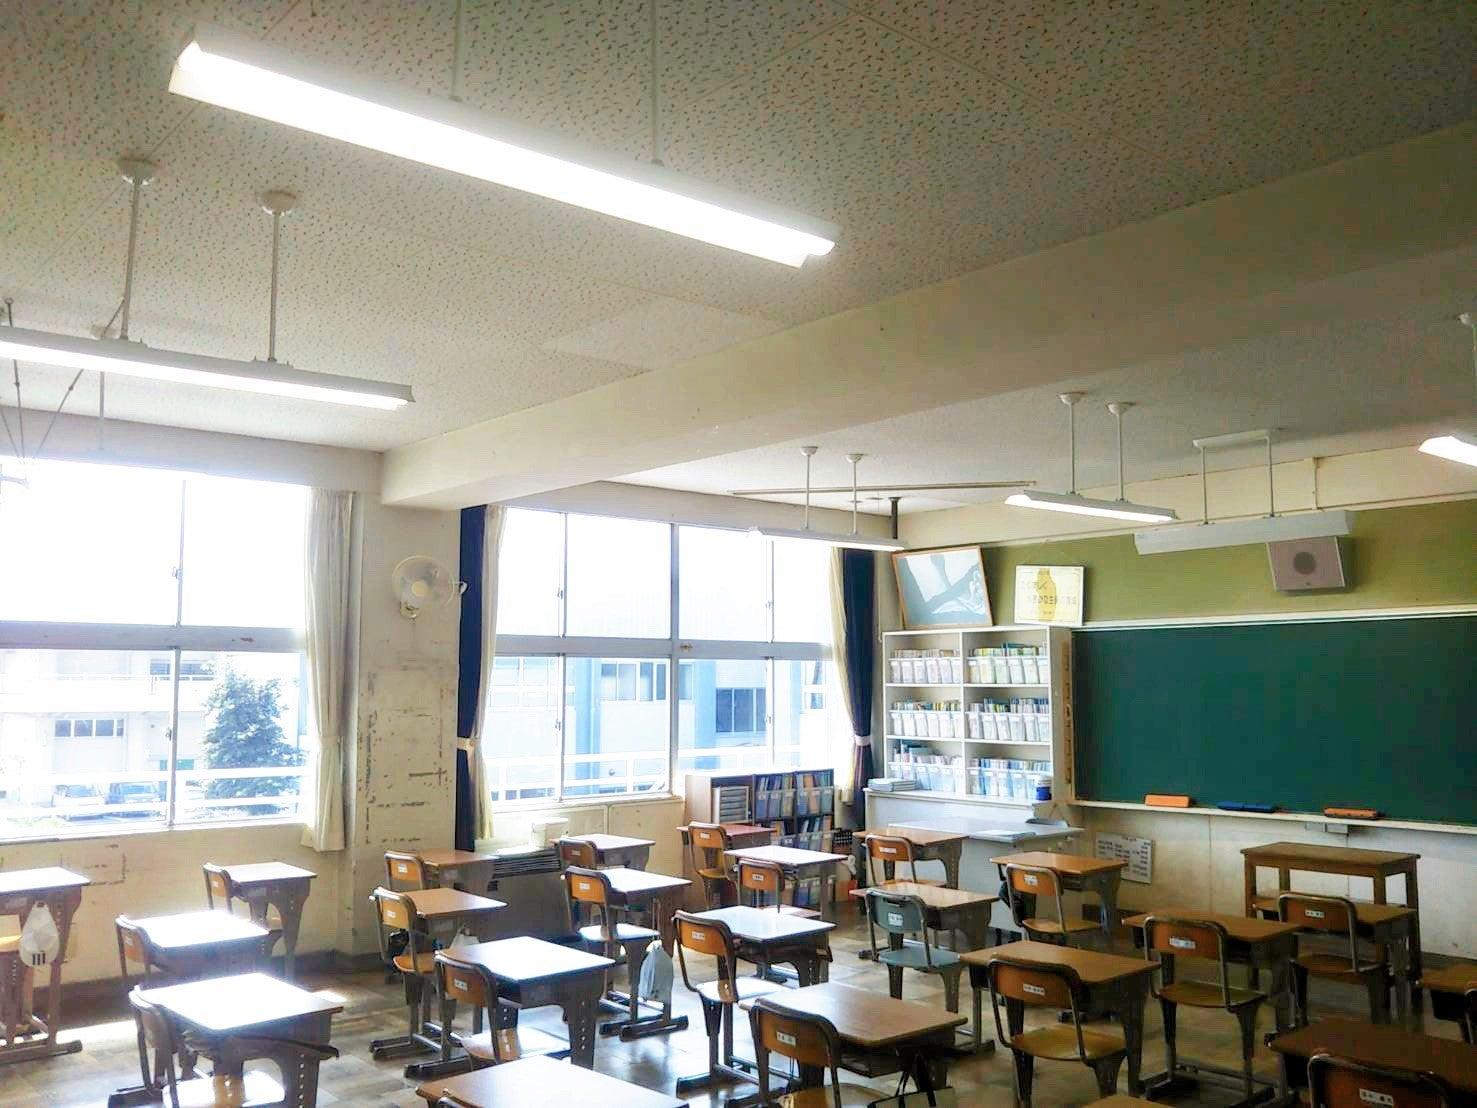 市内中学校の照明器具を取替えました